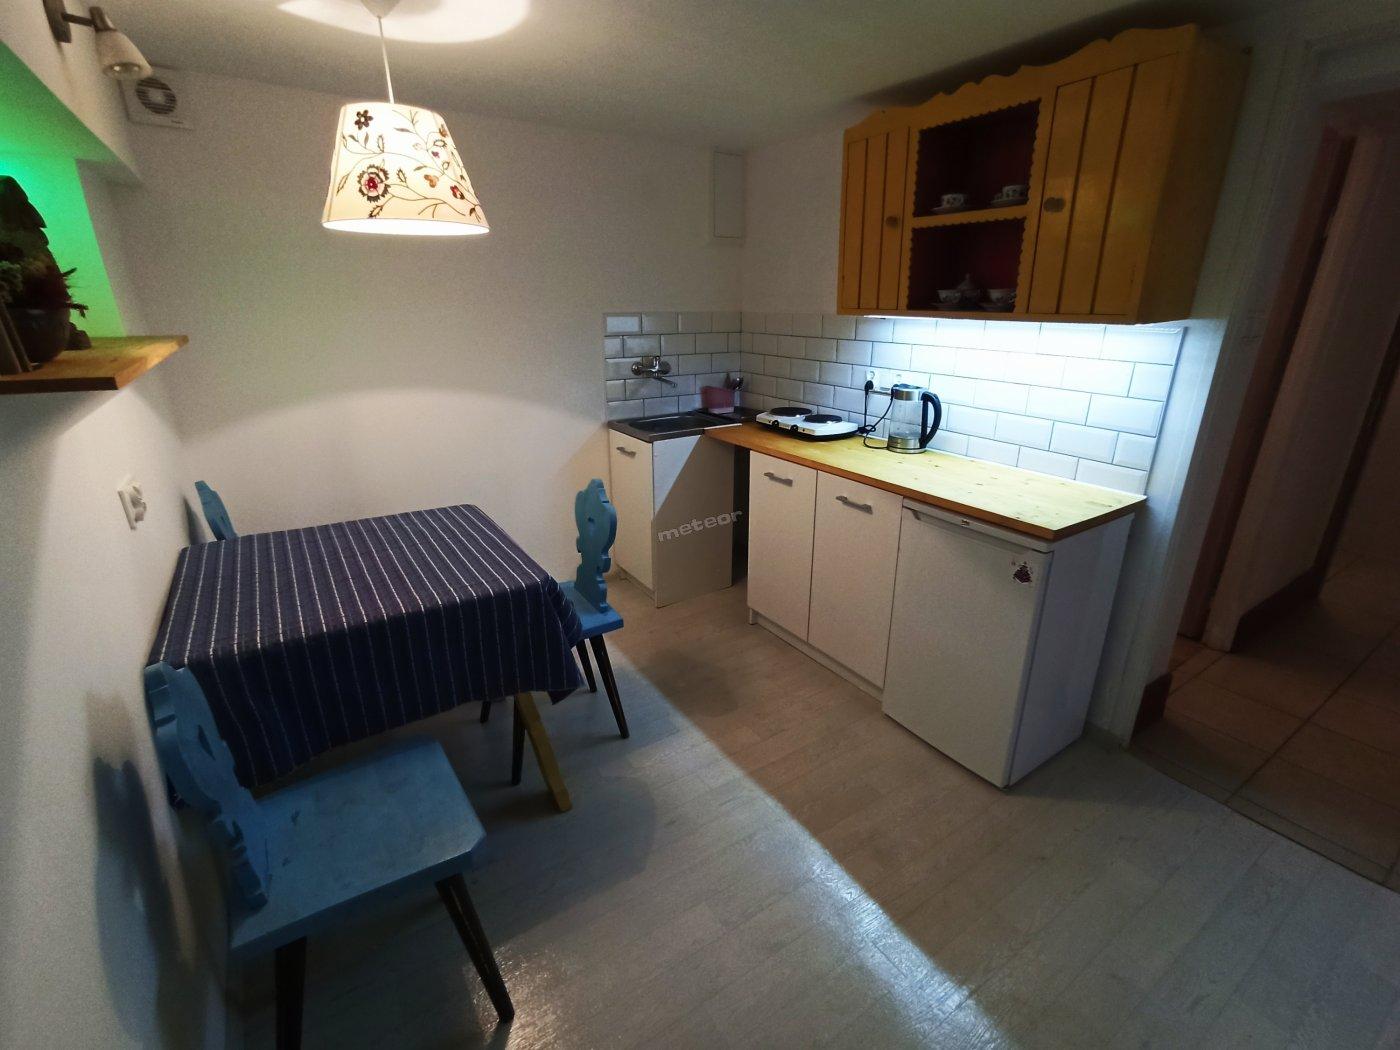 Apartament 2/3 osobowy z kuchnia i łazienką.